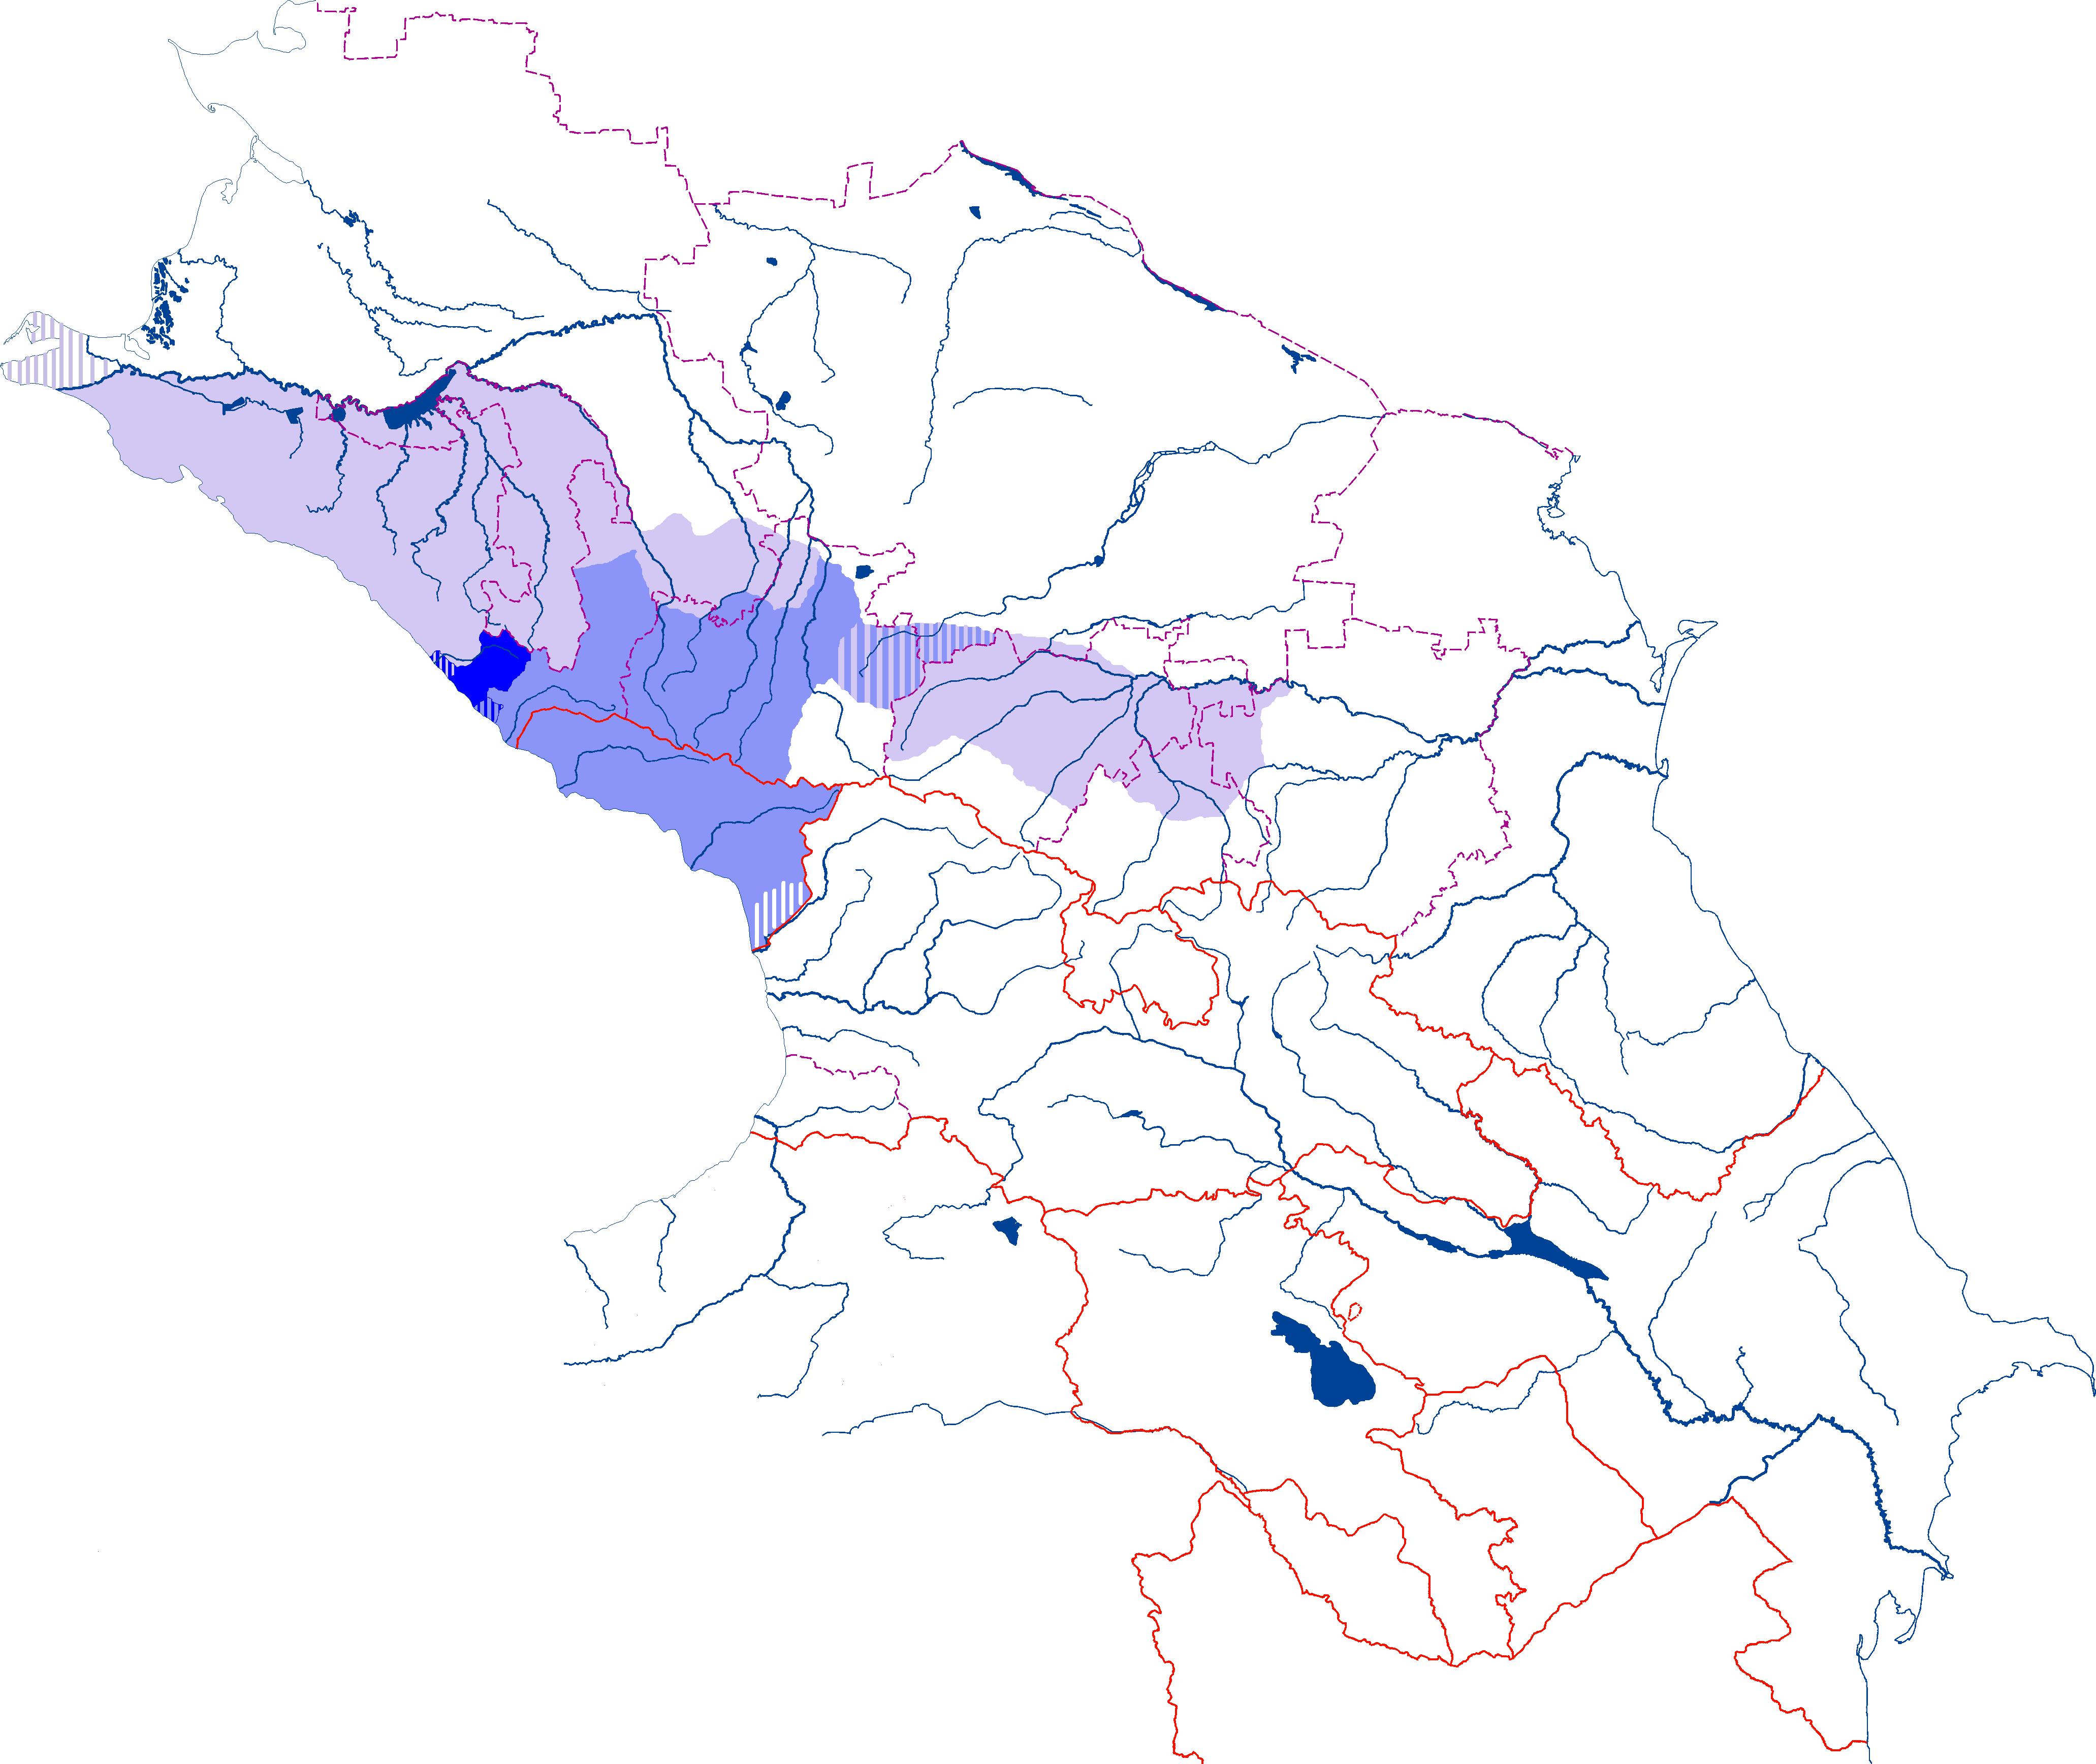 Ареал расселения абхазо-адыгов в начале XIX века